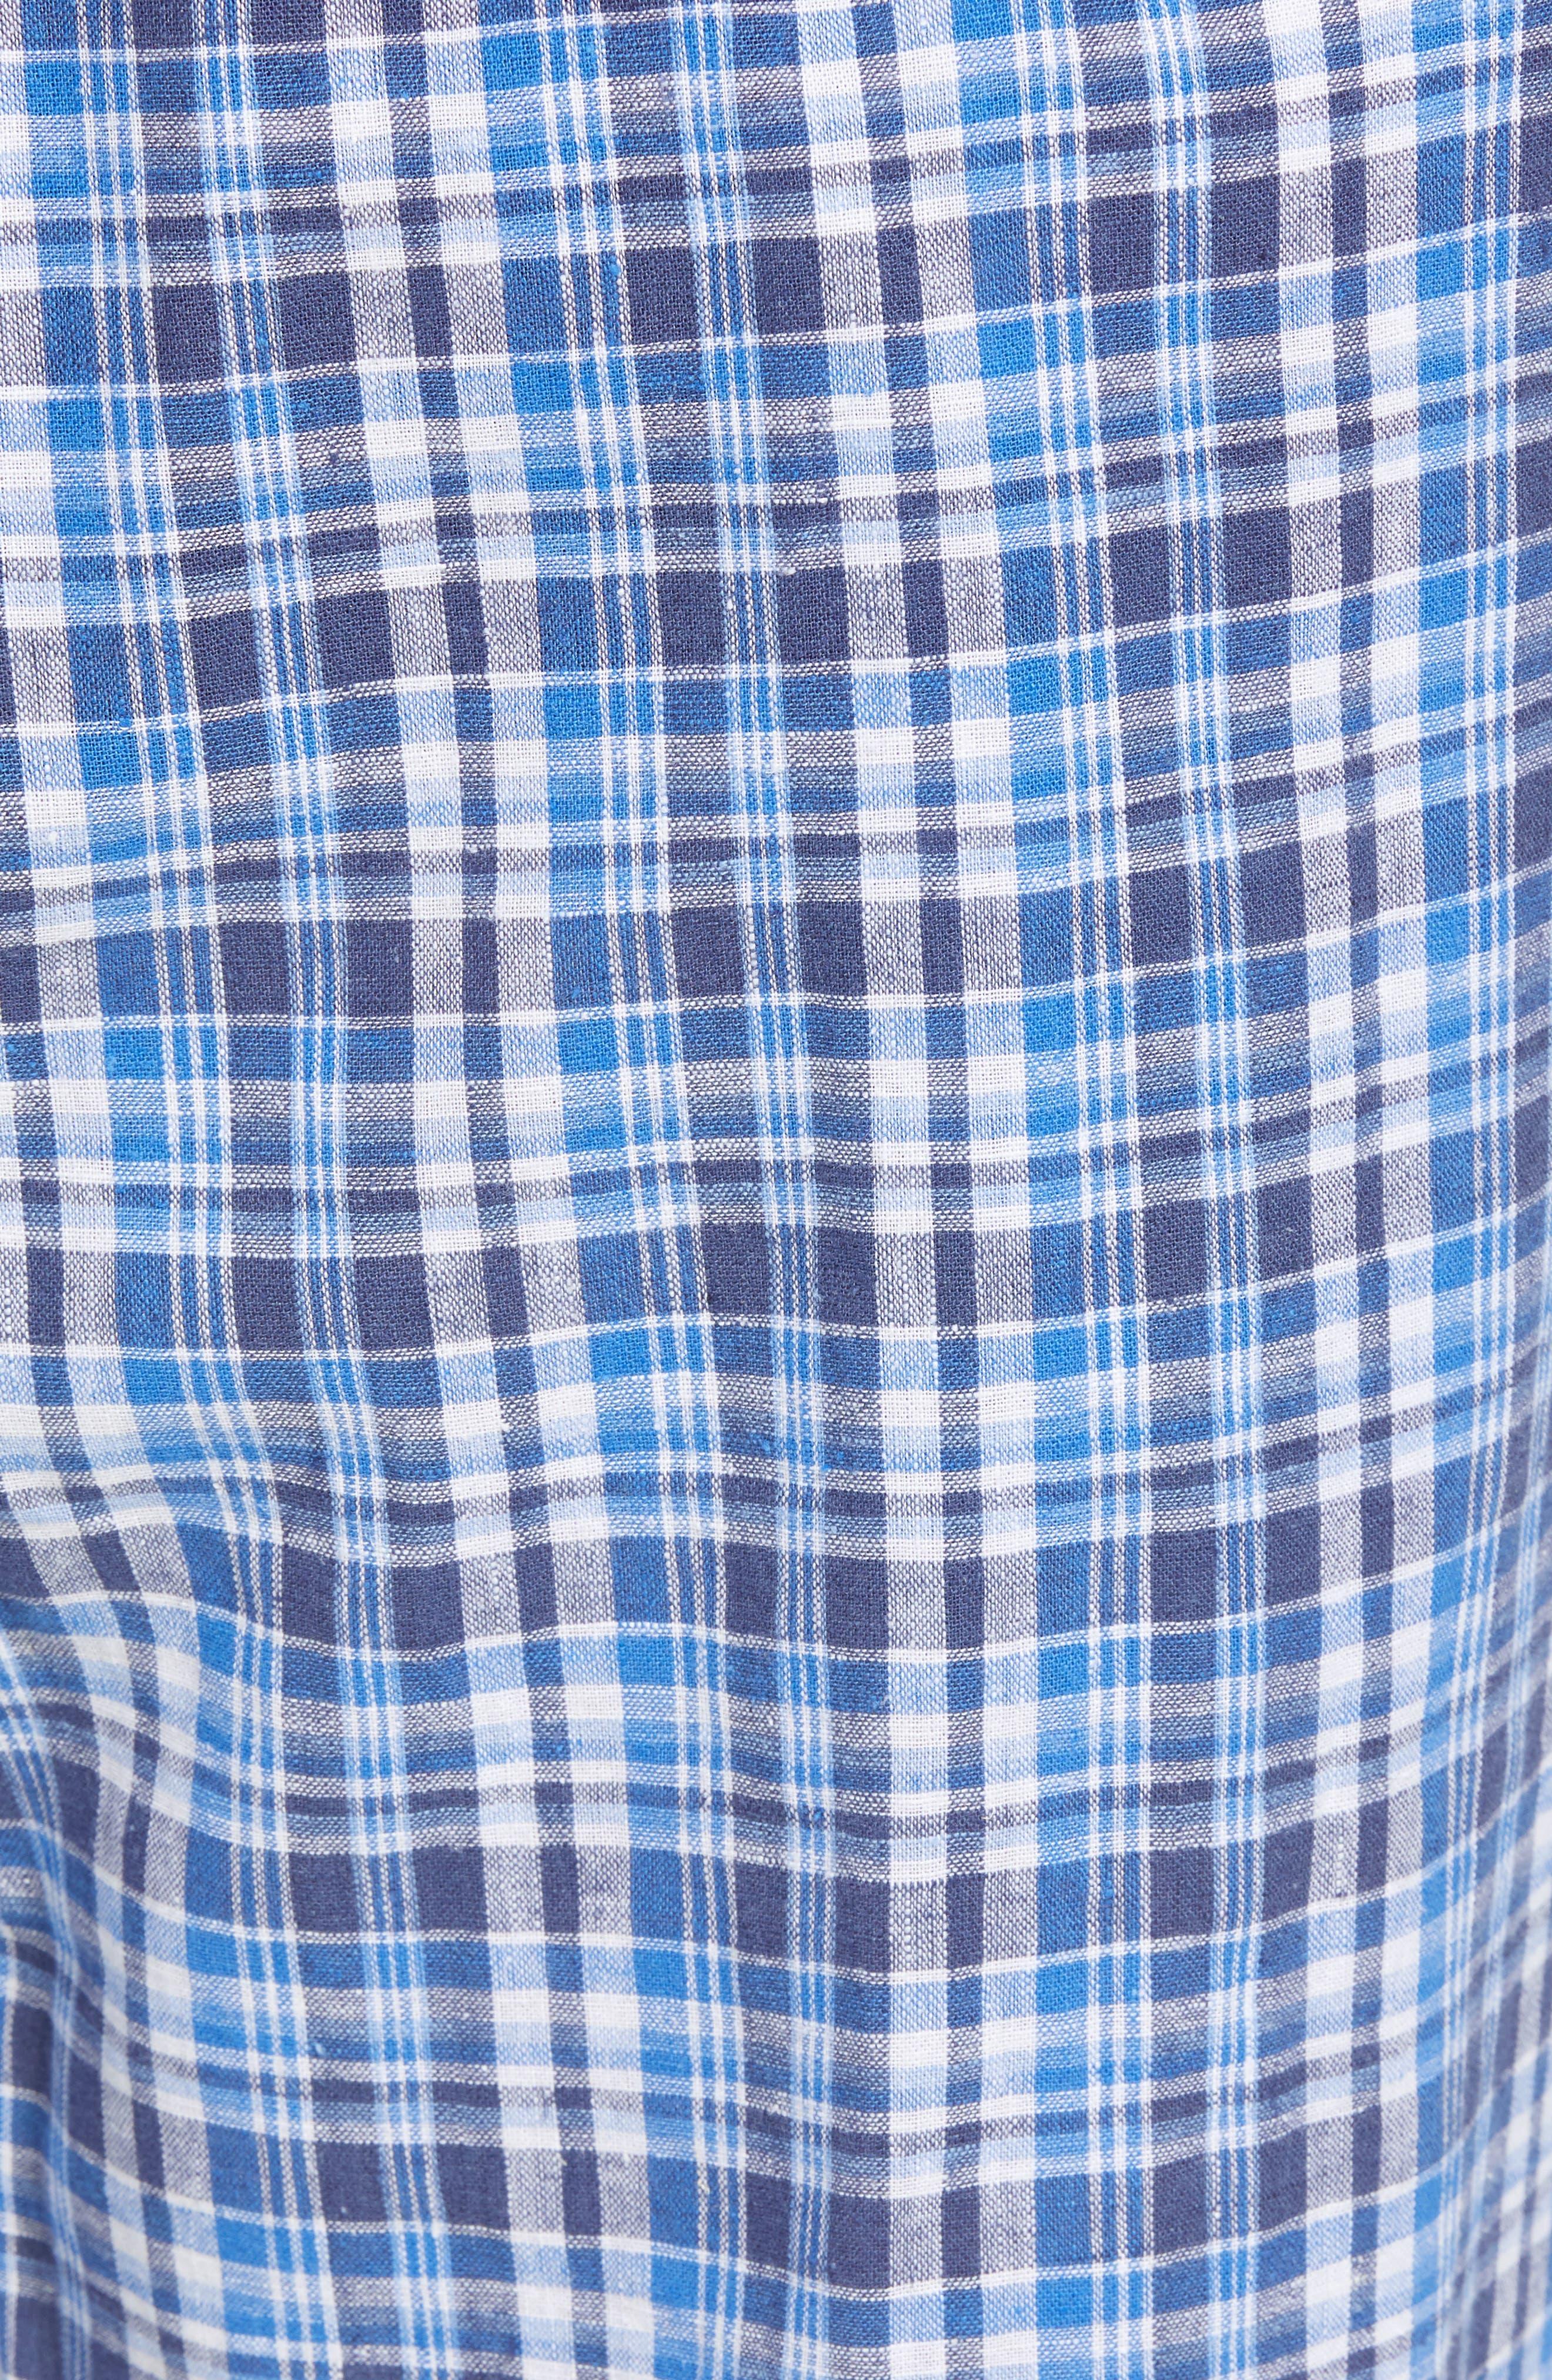 Walker Plaid Cotton & Linen Pajama Pants,                             Alternate thumbnail 5, color,                             Walker Plaid/ Cruise Navy